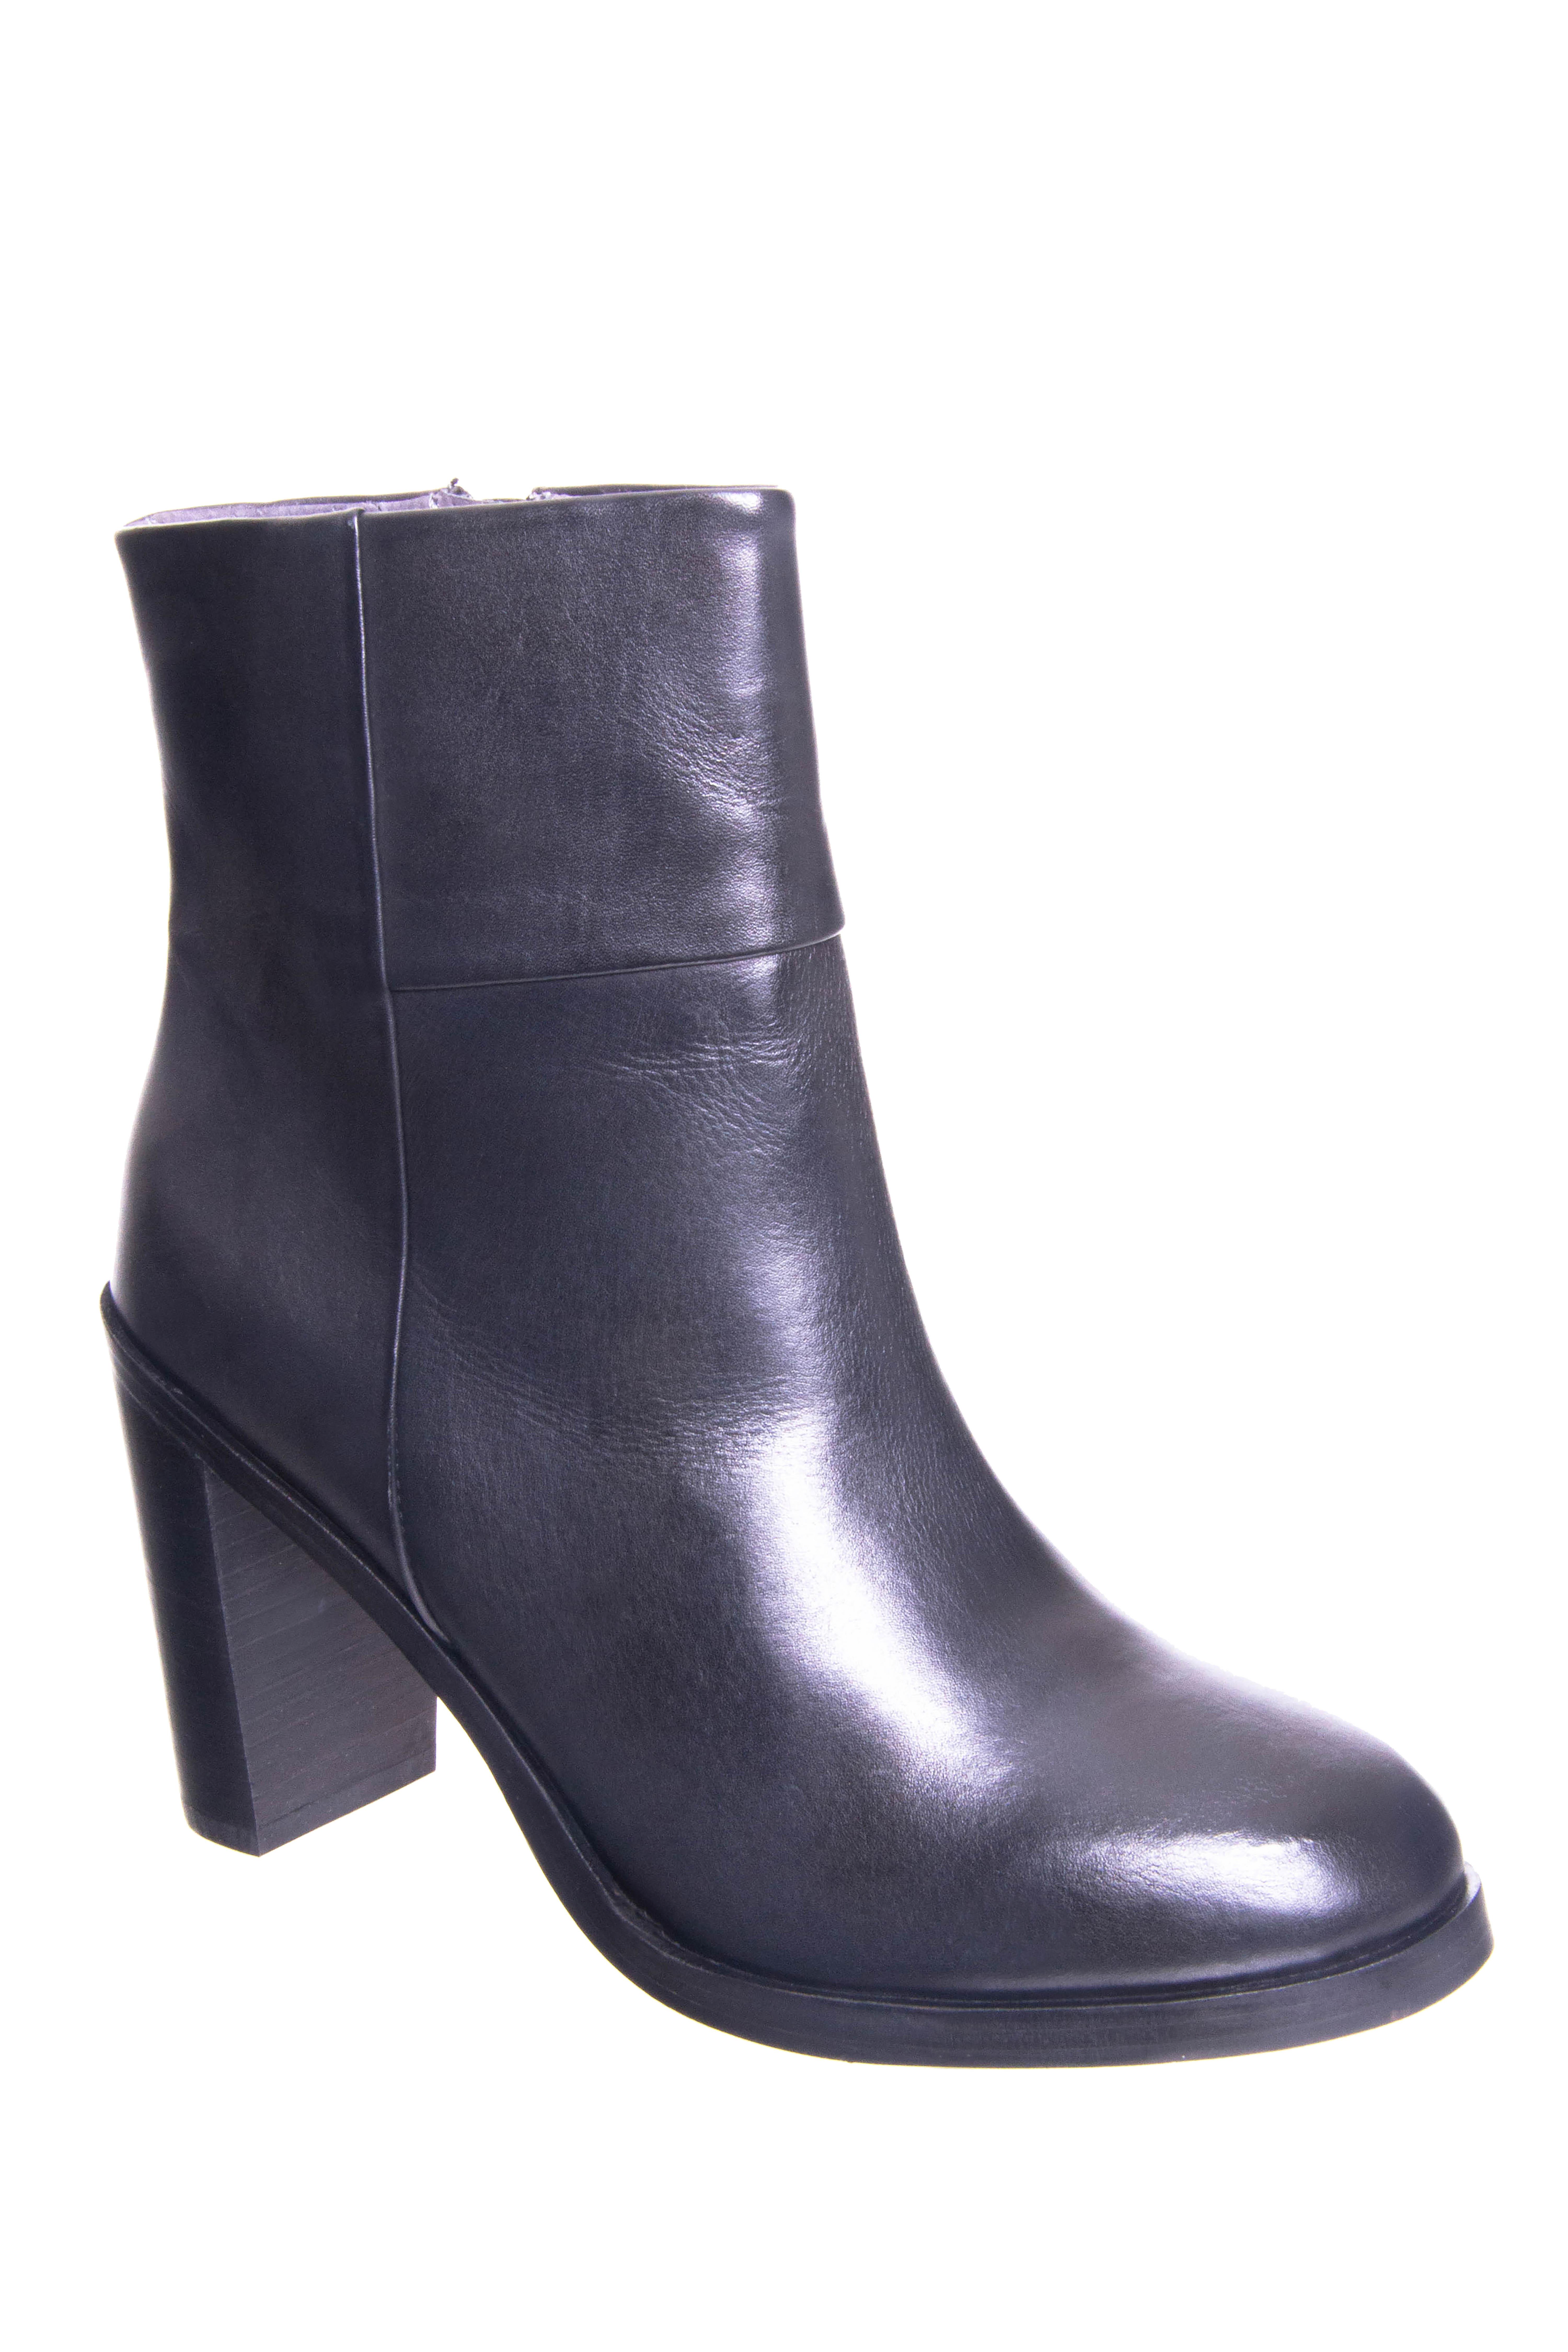 Seychelles Gossip High Heel Boots - Black